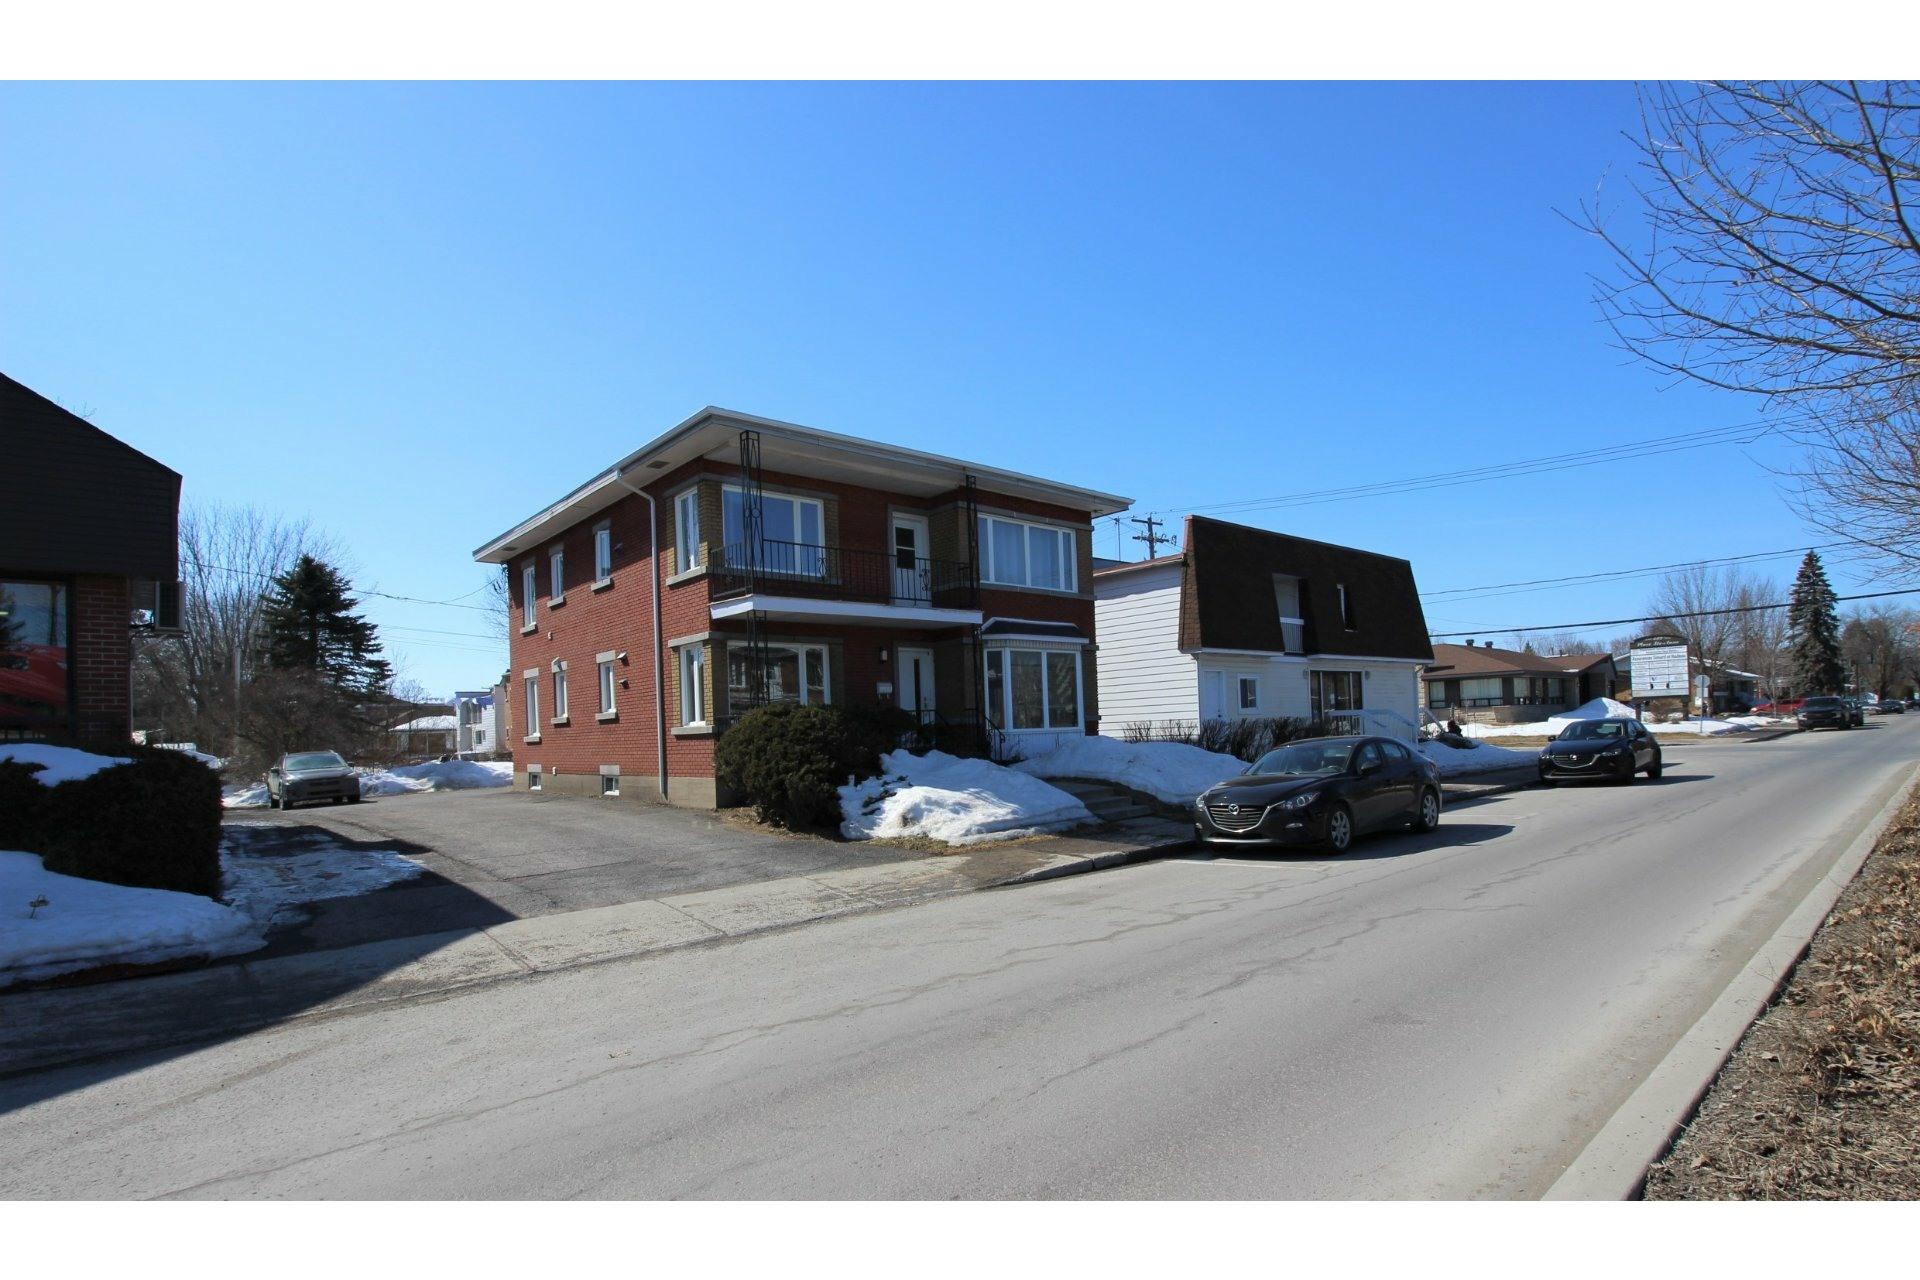 image 37 - Duplex For sale Joliette - 5 rooms